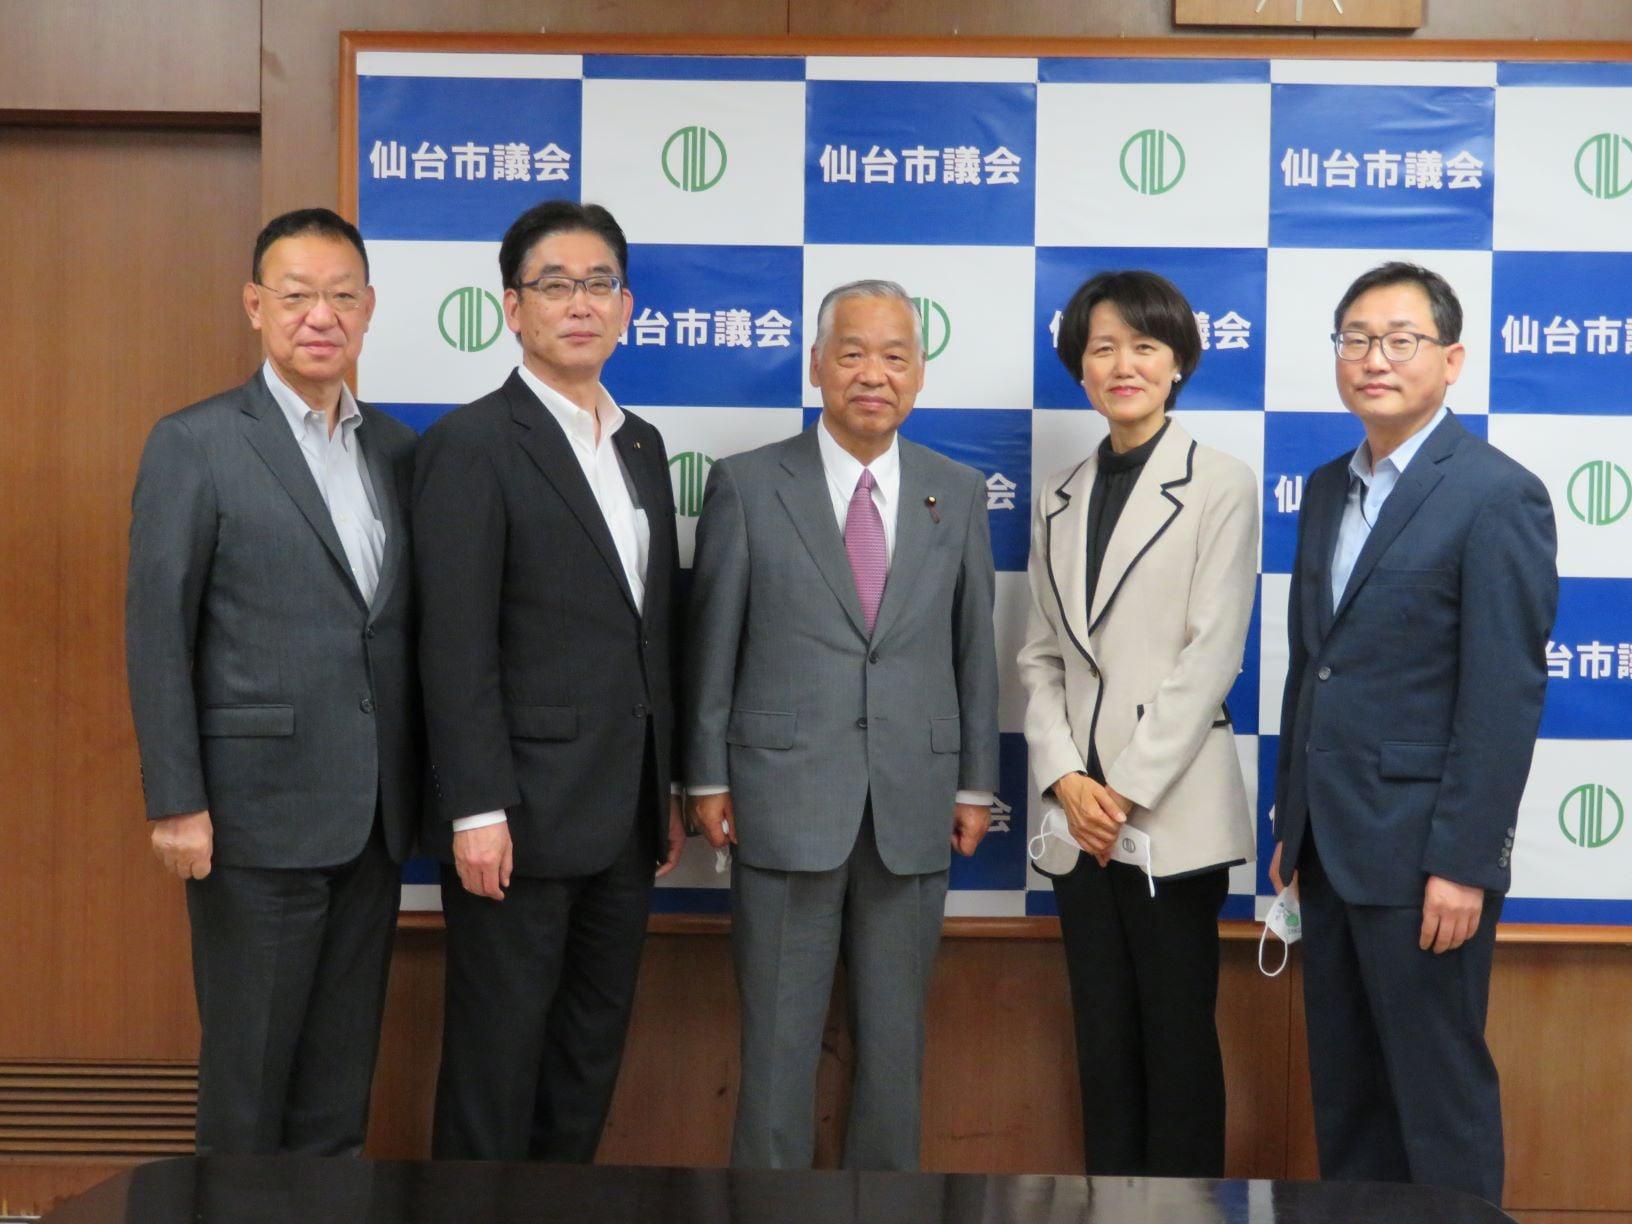 令和3年6月25日 6/9に着任した 林熙順(イム・ヒスン)総領事と、李昌勲(イ・チャンフン)副総領事ほかが表敬のため来訪されました